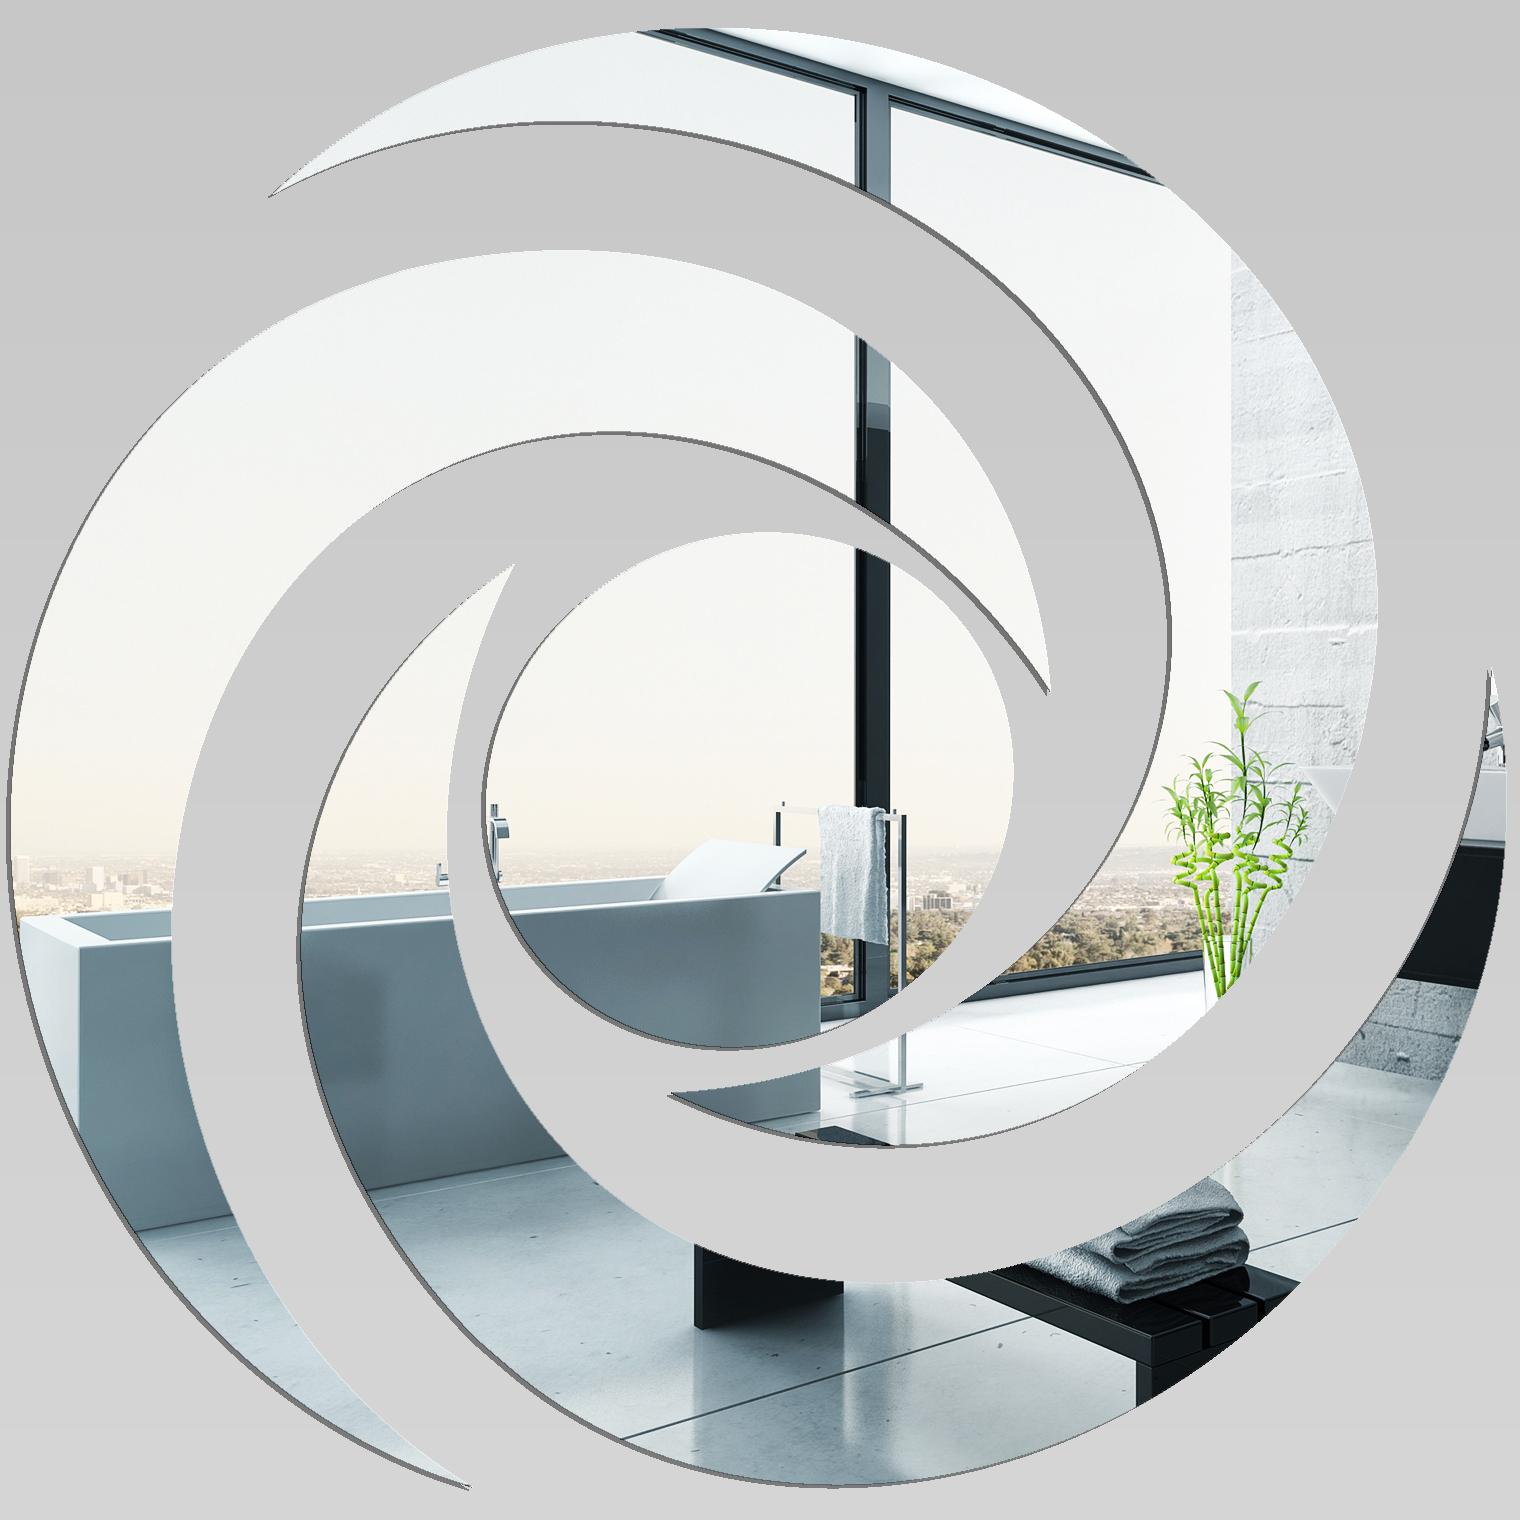 Miroir plexiglass acrylique spirale 5 pas cher for Miroir en acrylique